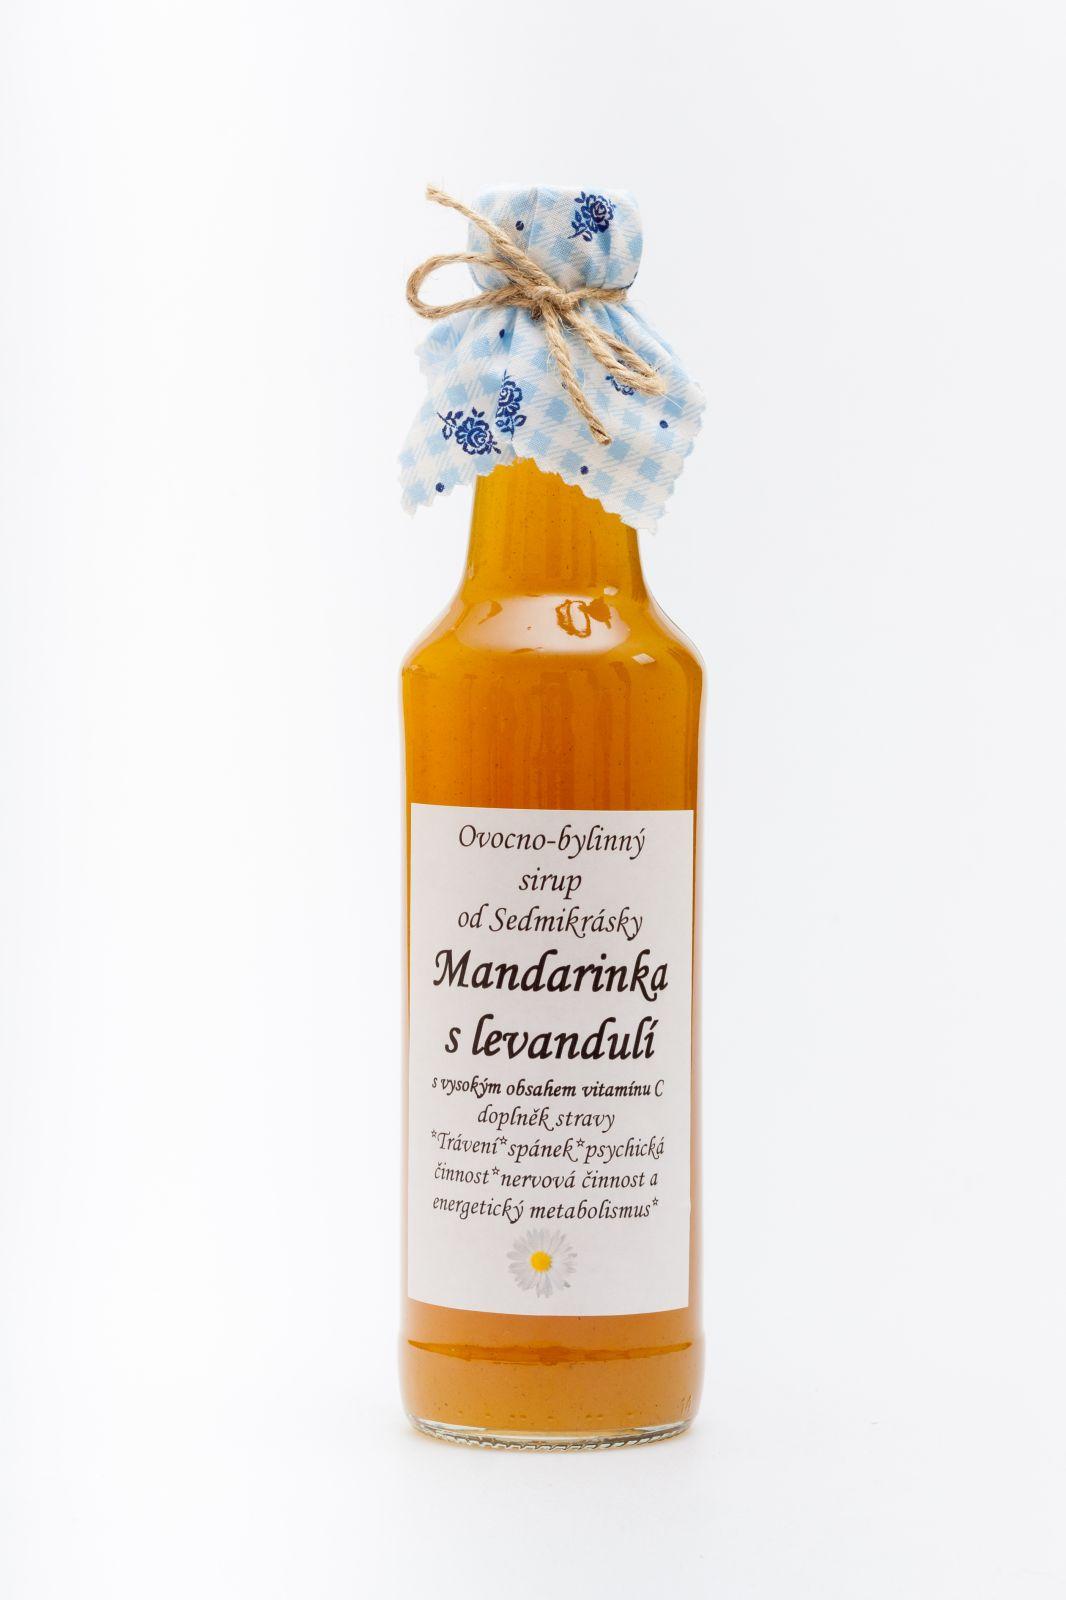 Sedmikráska Ovocno-bylinný sirup Mandarínka s levandulí 500ml – trávení, spánek, nervová soustava, metabolismus, psychická činnost, doplněk stravy Rodinná farma Sedmikráska